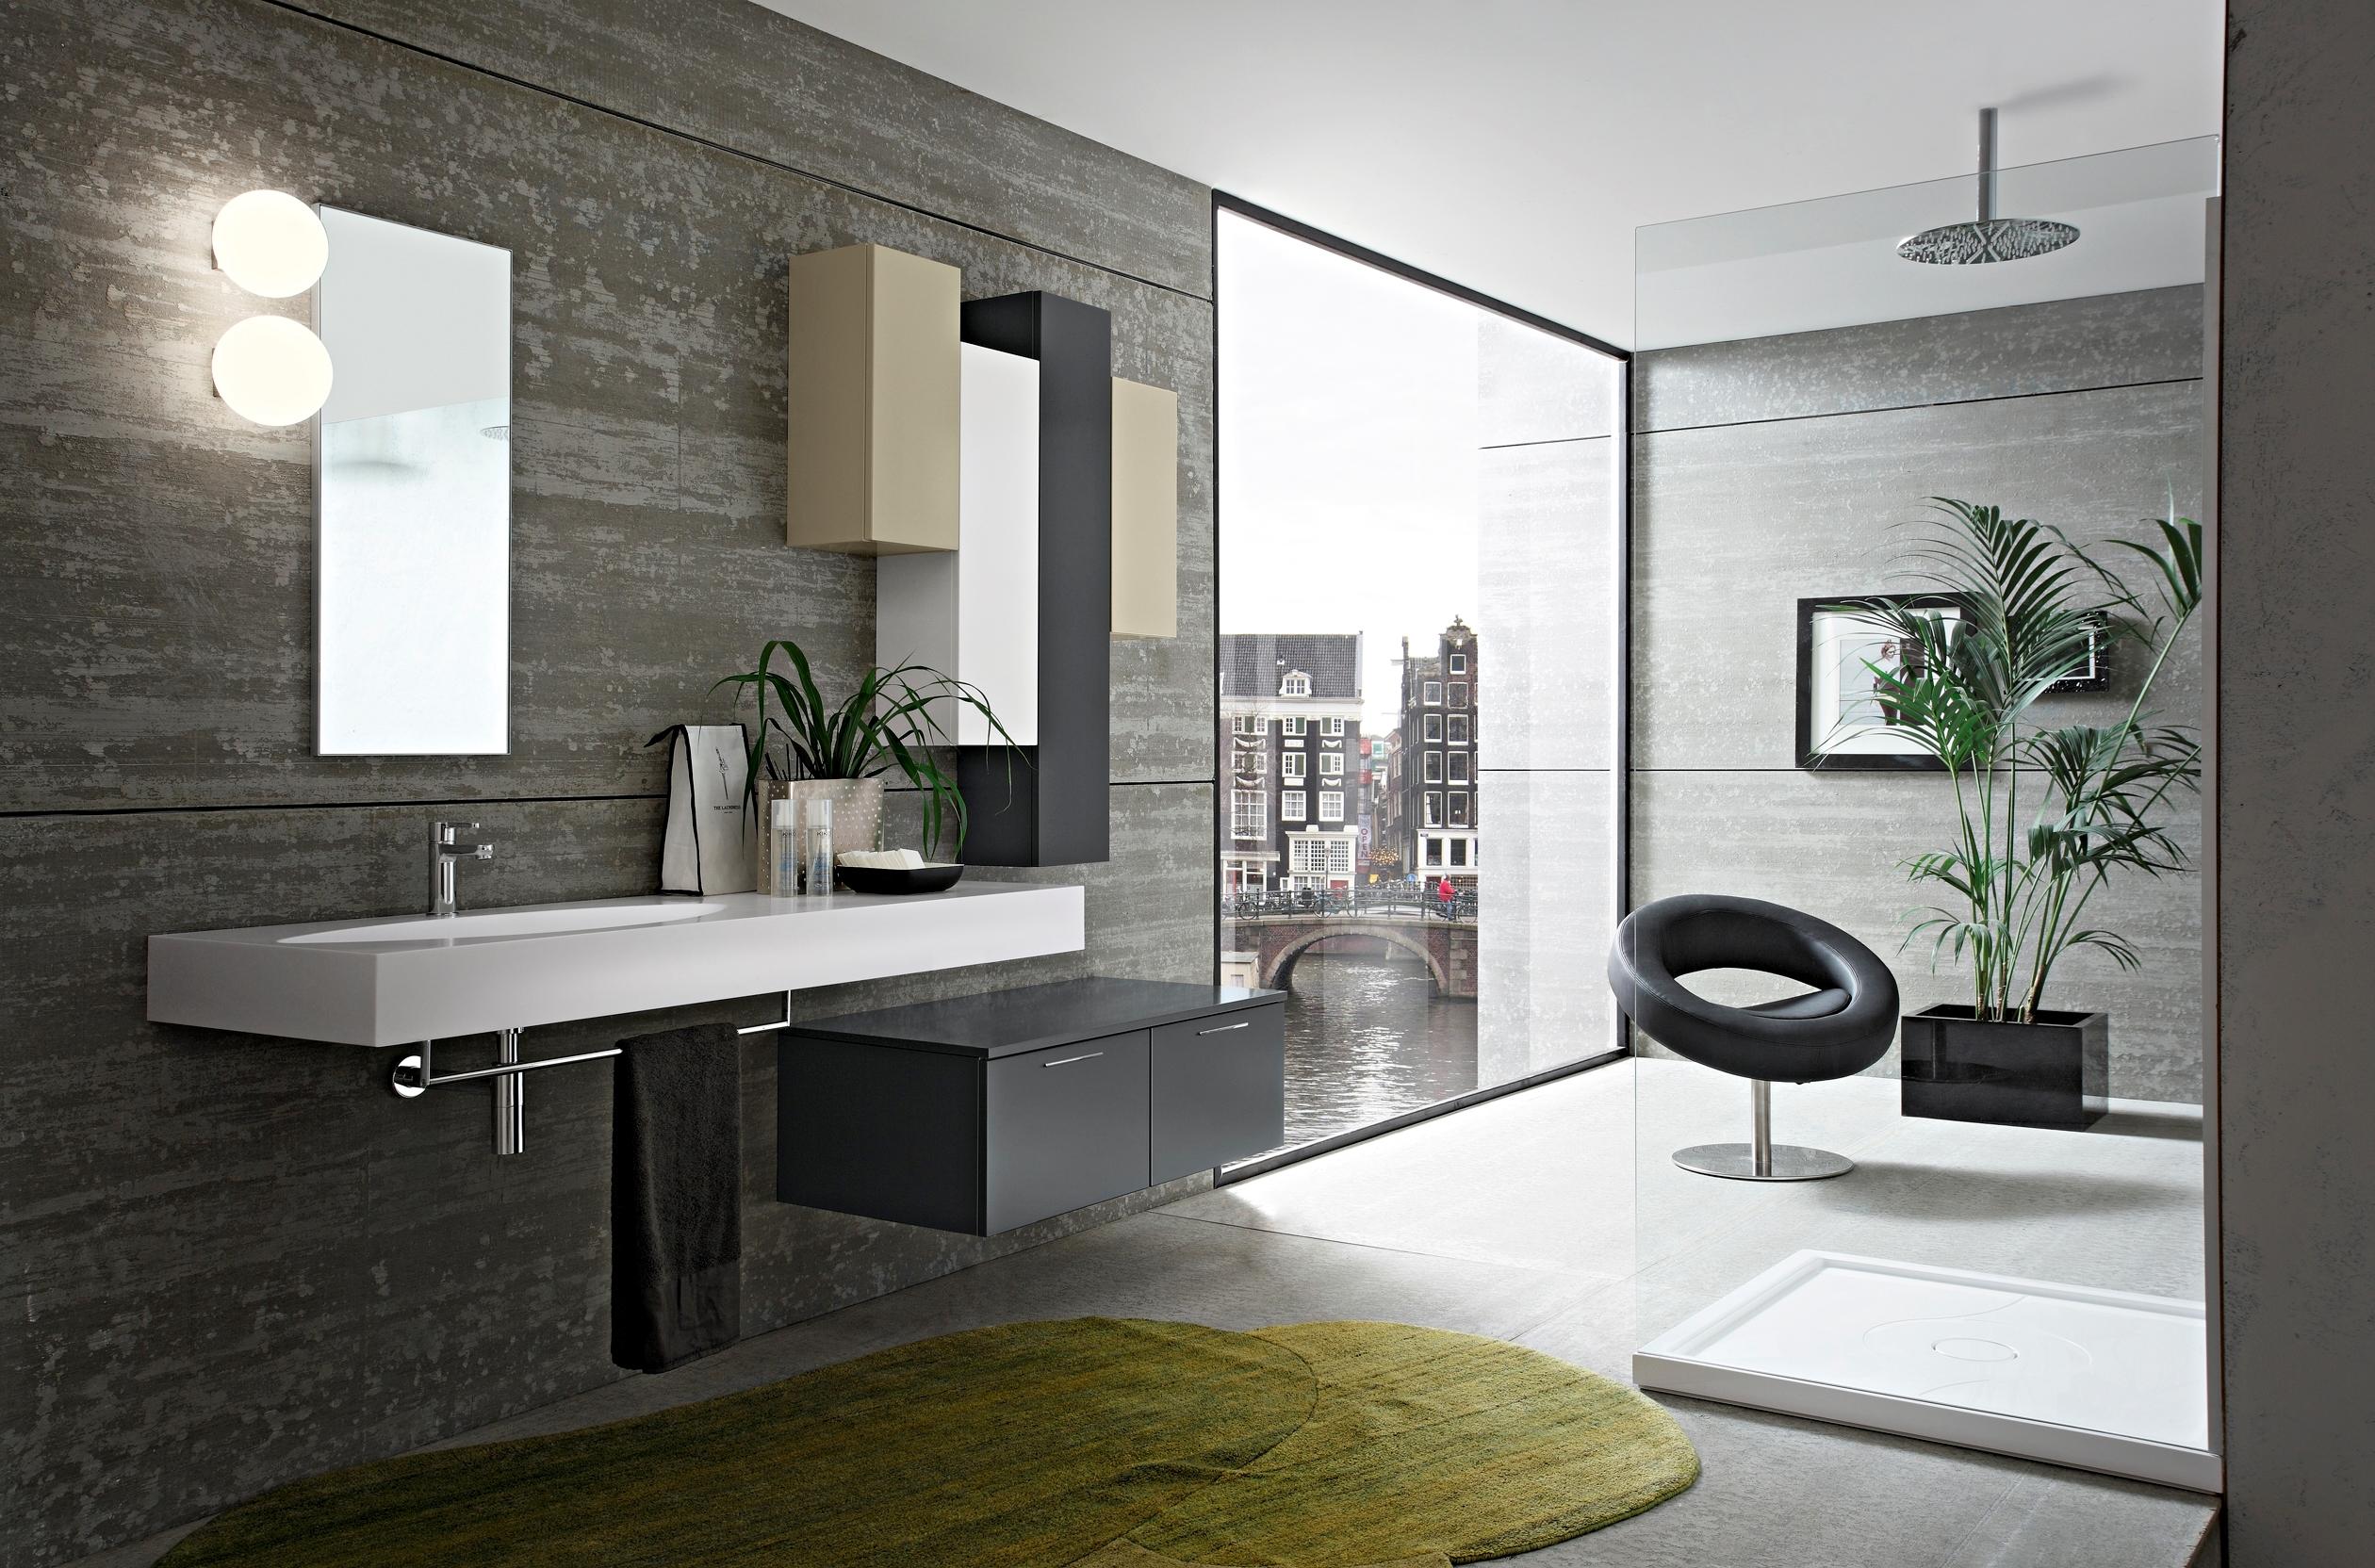 Armadietto Bagno Moderno arredo bagno moderno: come scegliere l'arredo per il bagno